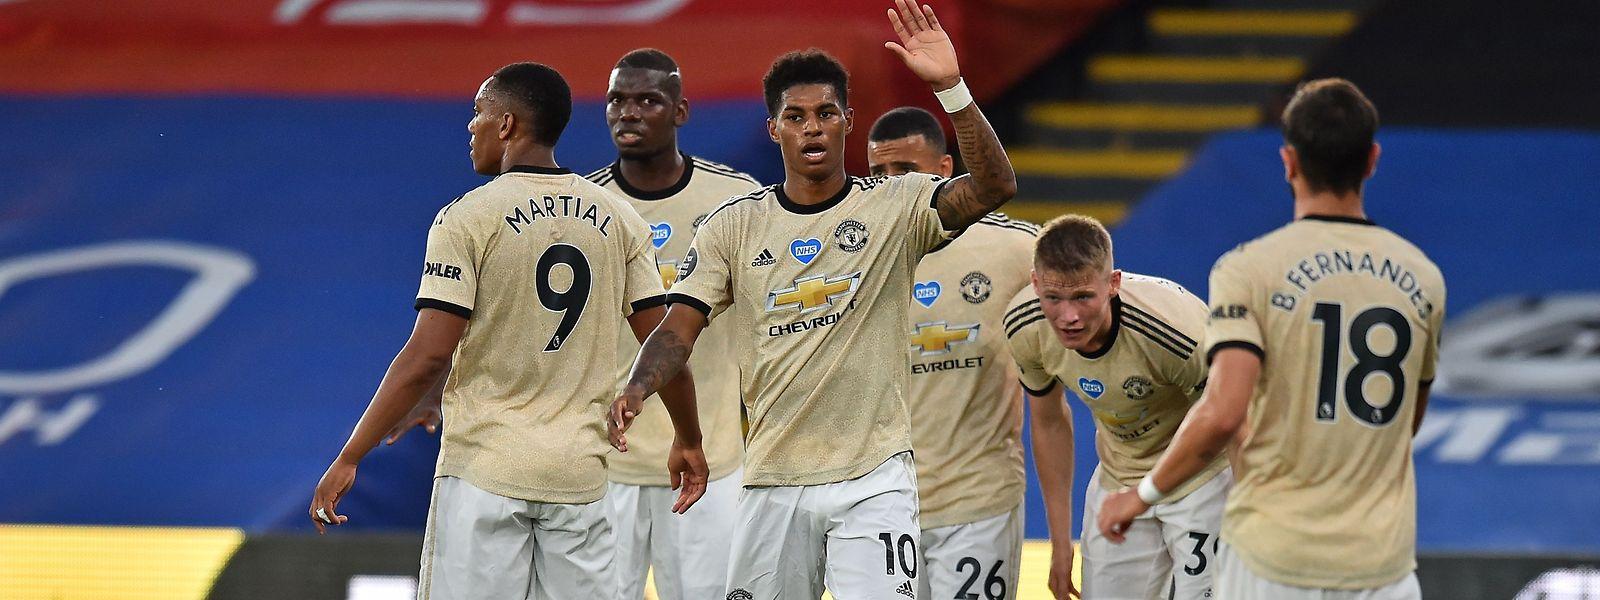 Marcus Rashford (10) und seine Teamkollegen von Manchester United surfen derzeit auf einer Erfolgswelle.